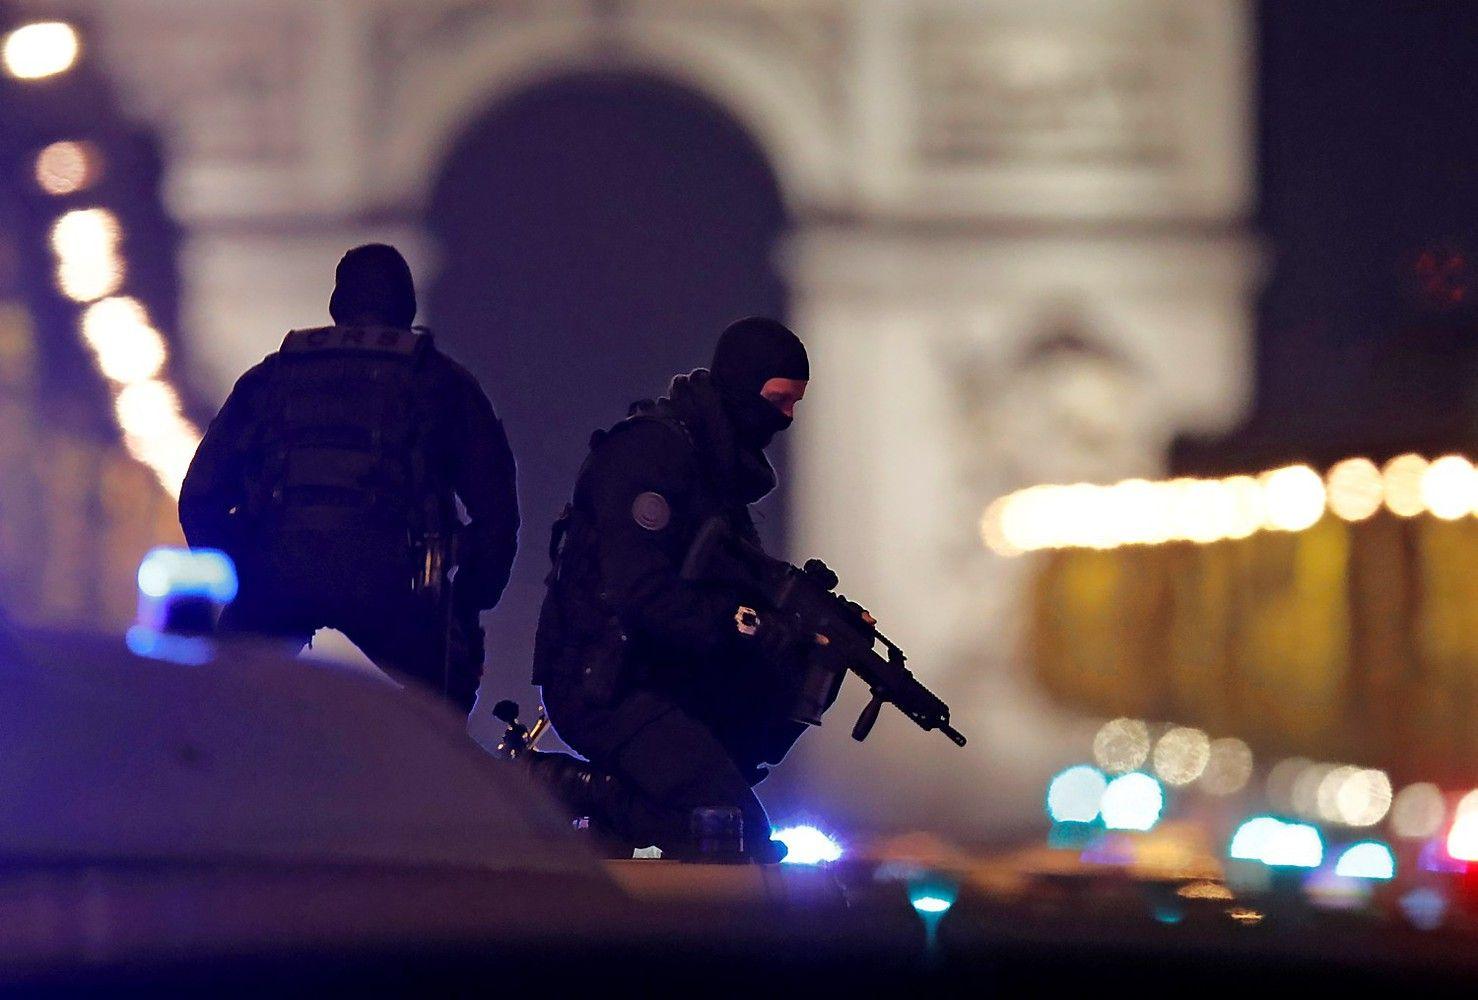 Išpuolio Paryžiuje rengėjas jau buvo teistas 4 kartus